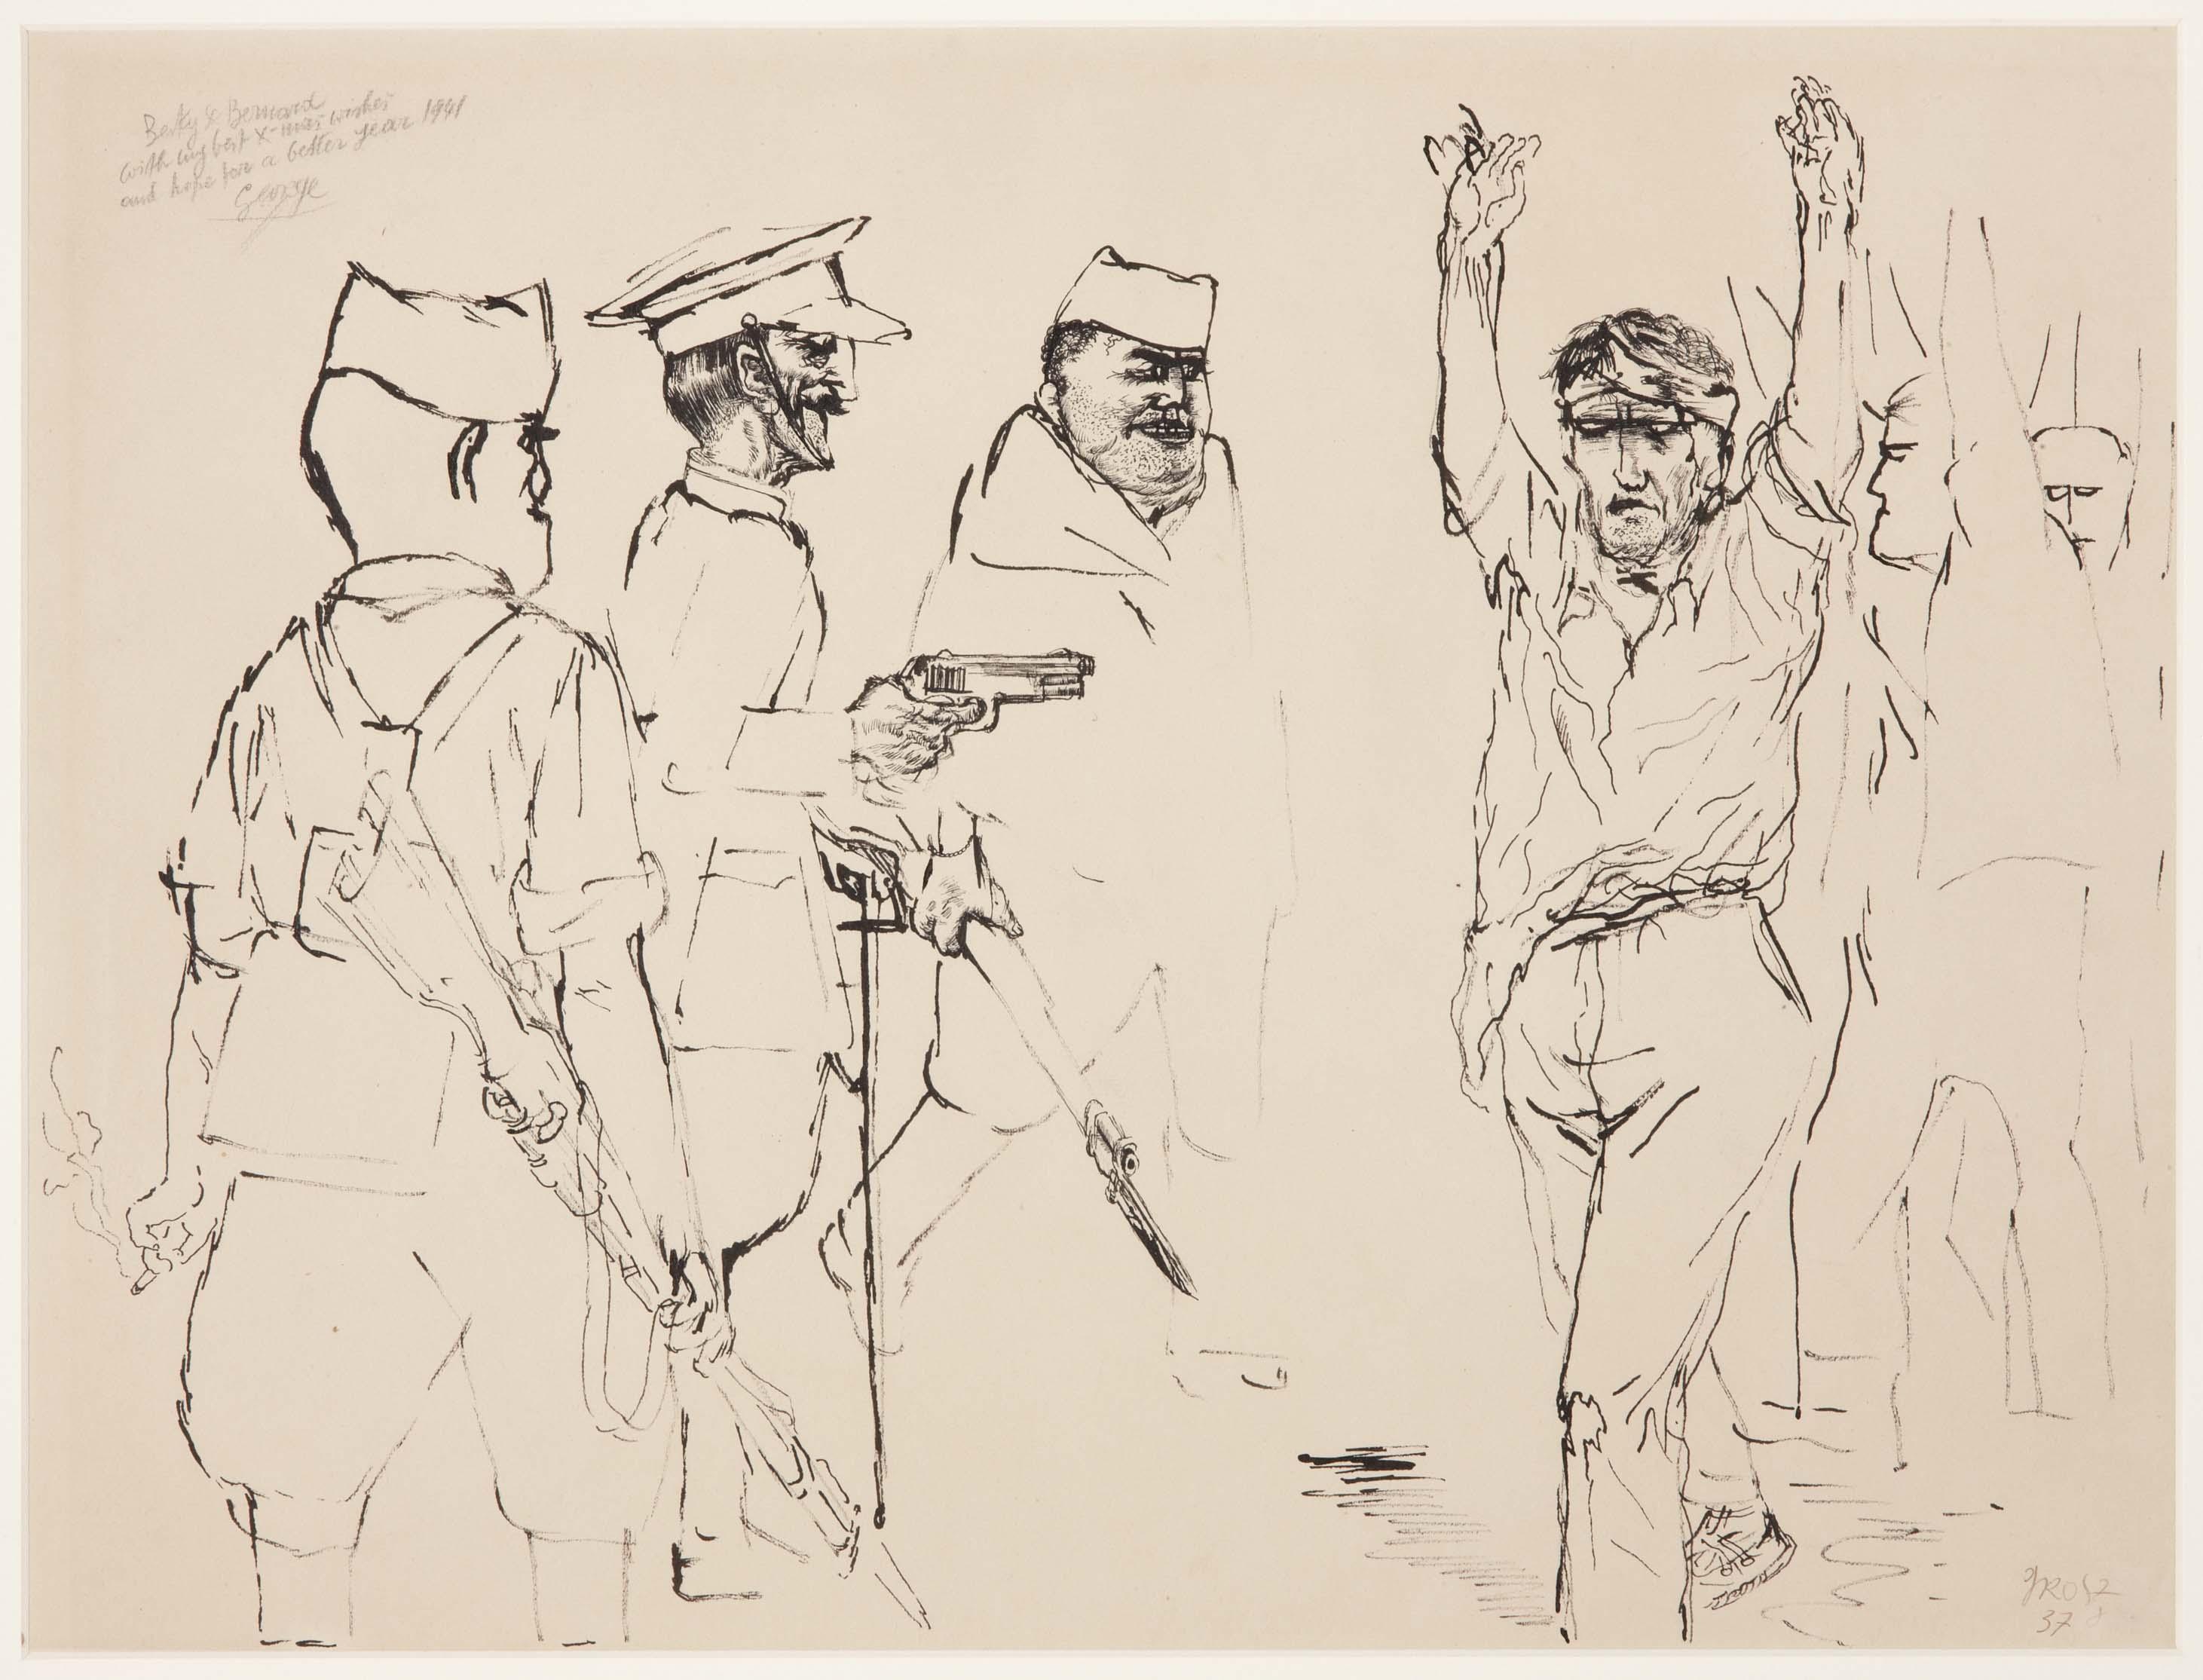 George Grosz (Berlín, Alemania, 1893 - 1959). Spain (España), 1937. Tinta a  plumilla y lápiz sobre papel Ingres. htt… | Ilustraciones, Artistas,  Historia del arte